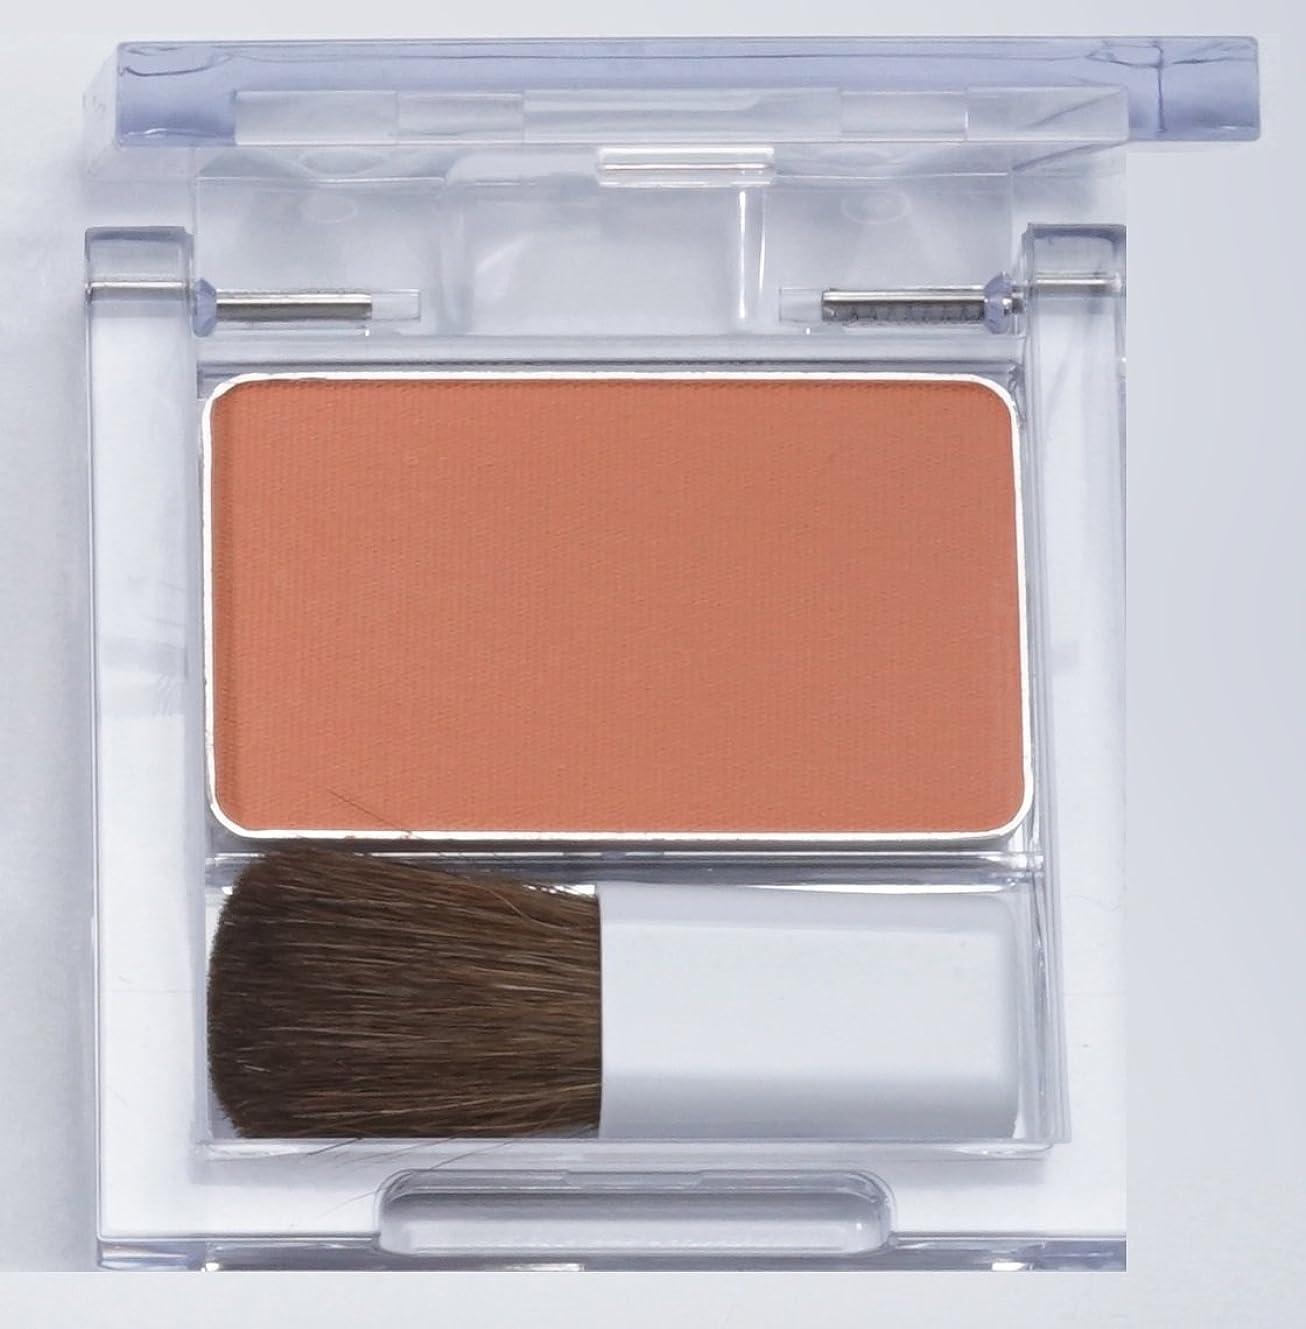 泥確認赤外線ポルトA お肌に輝きとピュアな透明感 チークカラー 3号:オレンジ(2228)